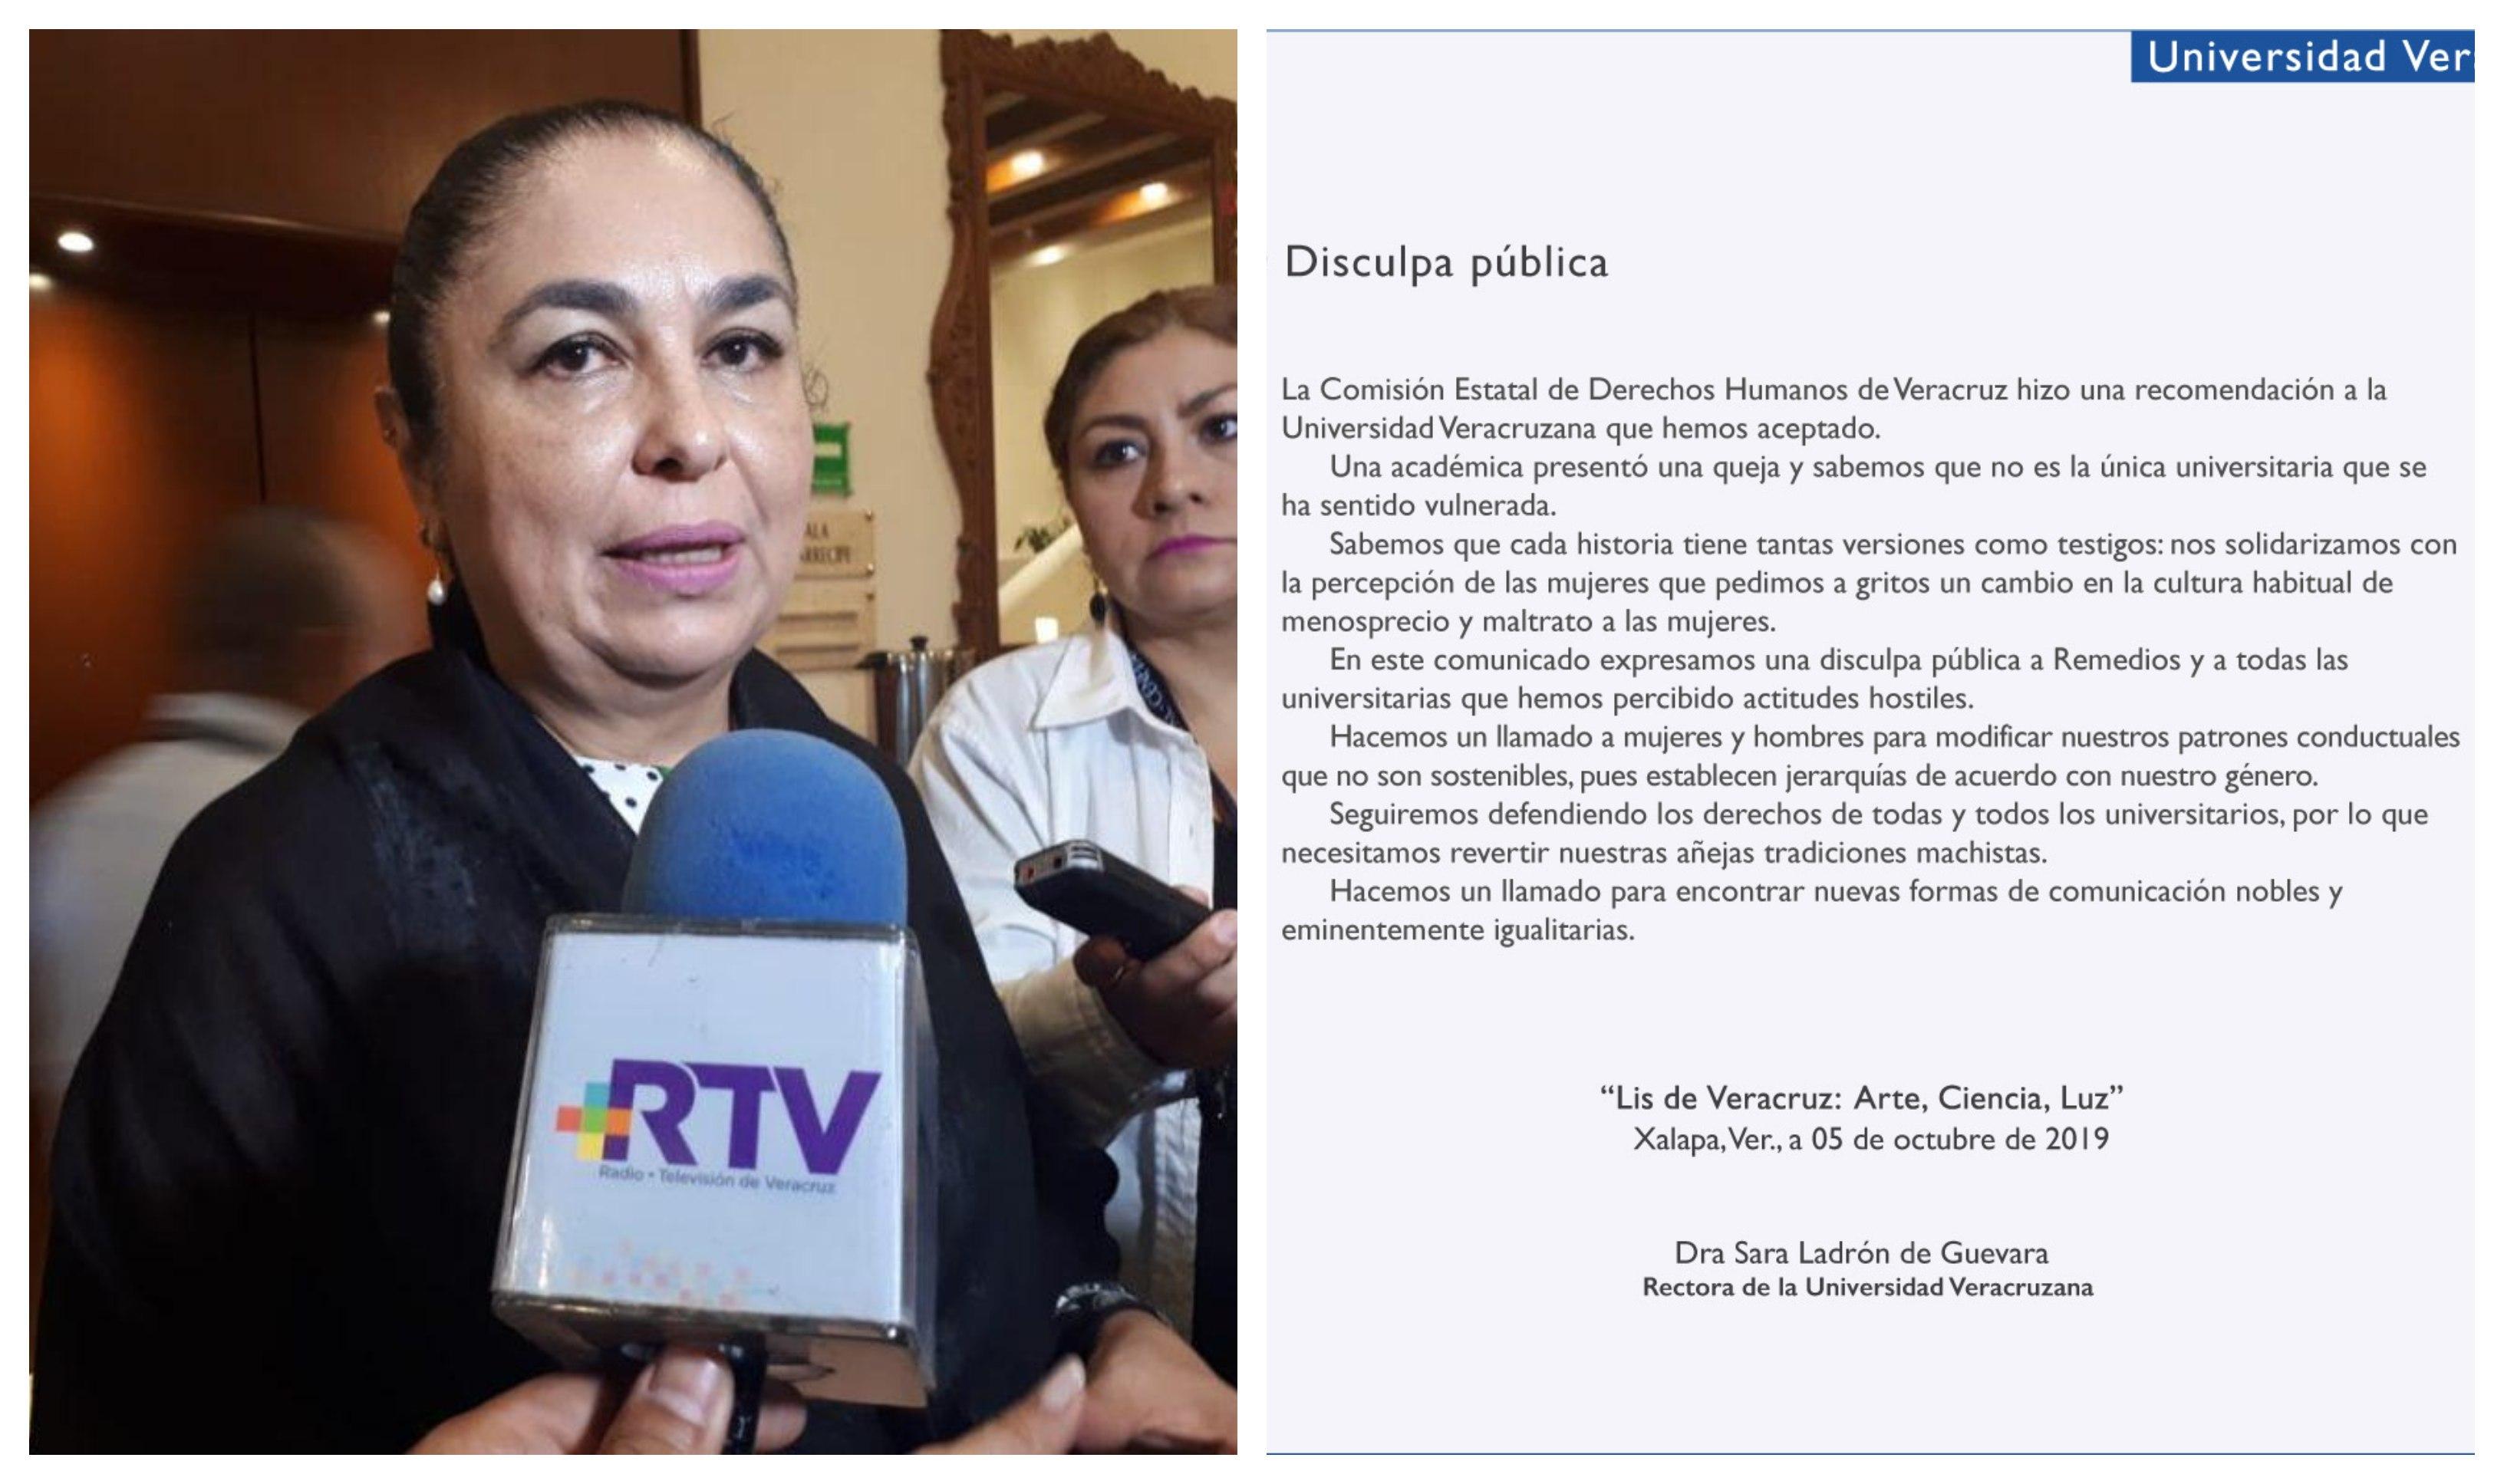 UV atiende recomendación de Derechos Humanos y realiza disculpa pública a docente